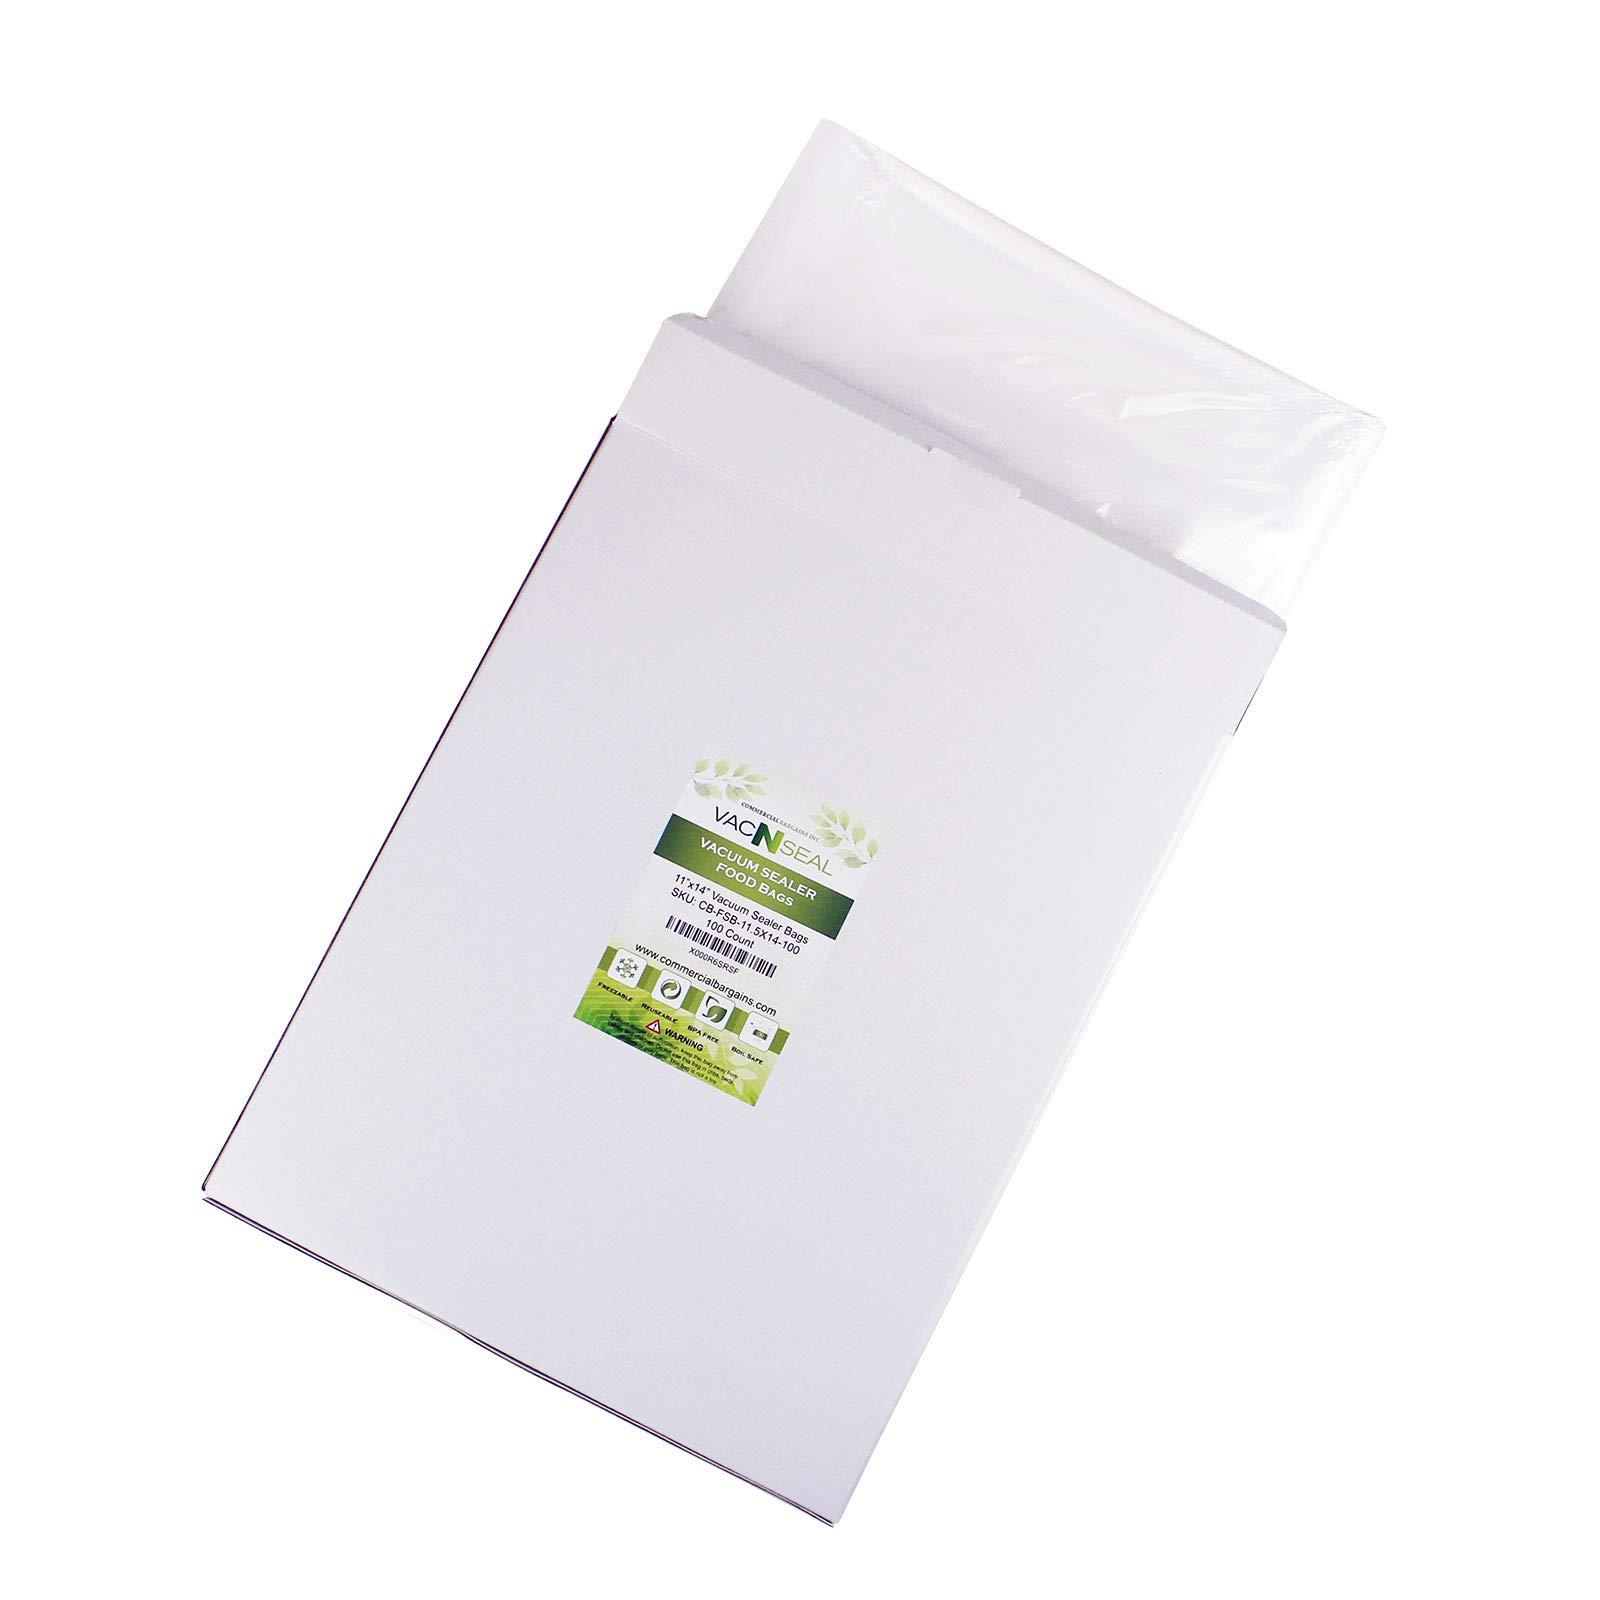 Commercial Bargains 100 CT 11'' x 14'' Vacuum Food Sealer Storage FoodSaver Freezer Bags Gallon Size Sous Vide